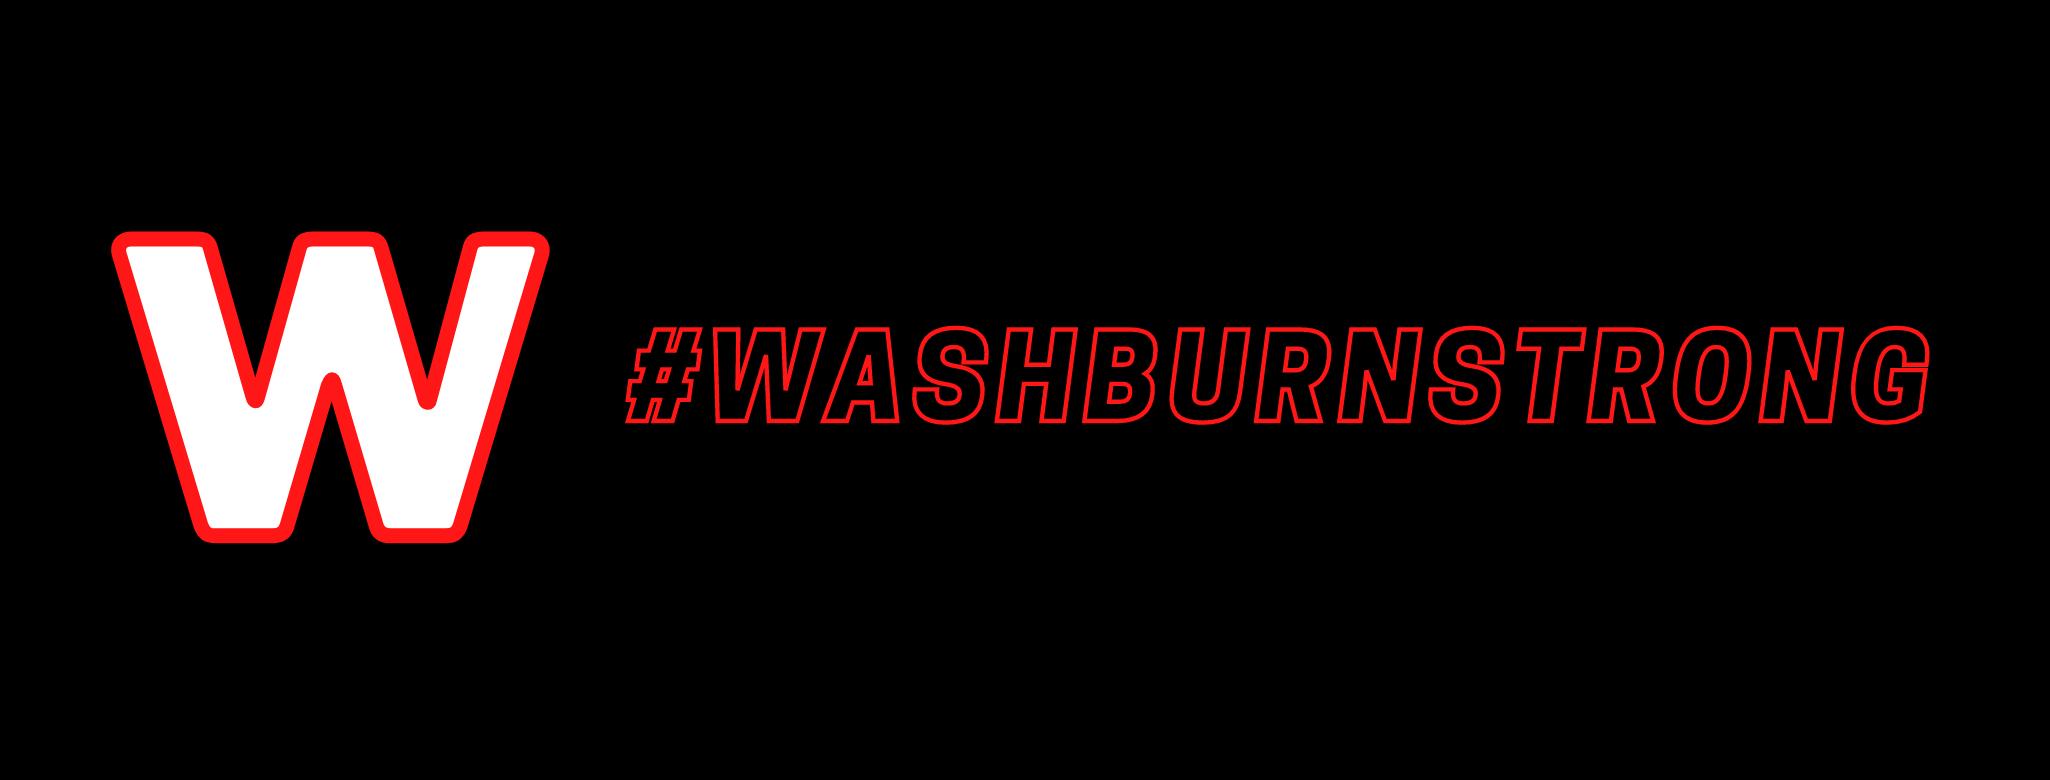 Washburn Strong